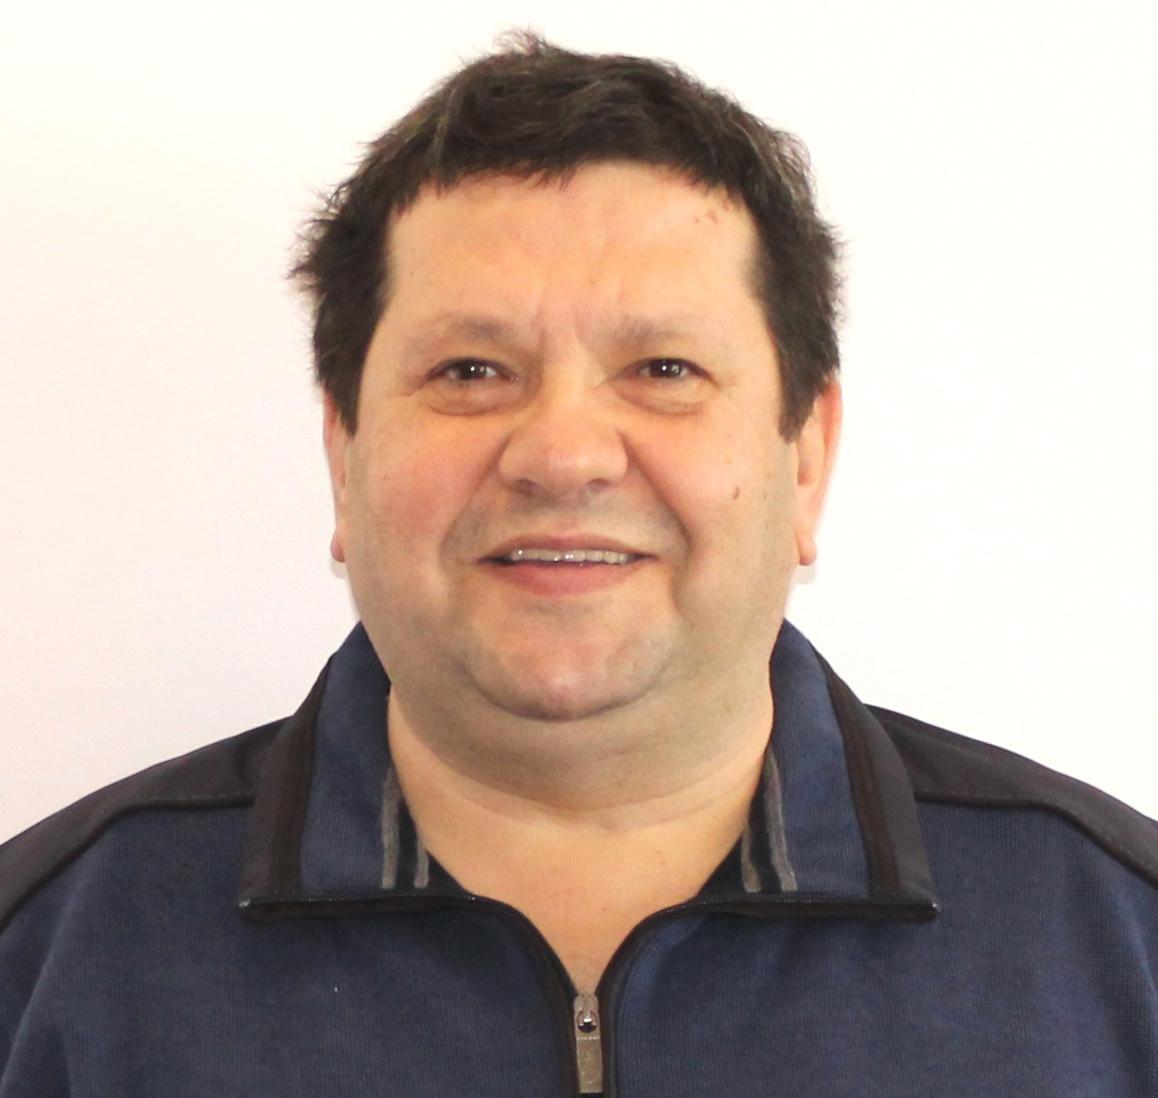 Abdo Wazen